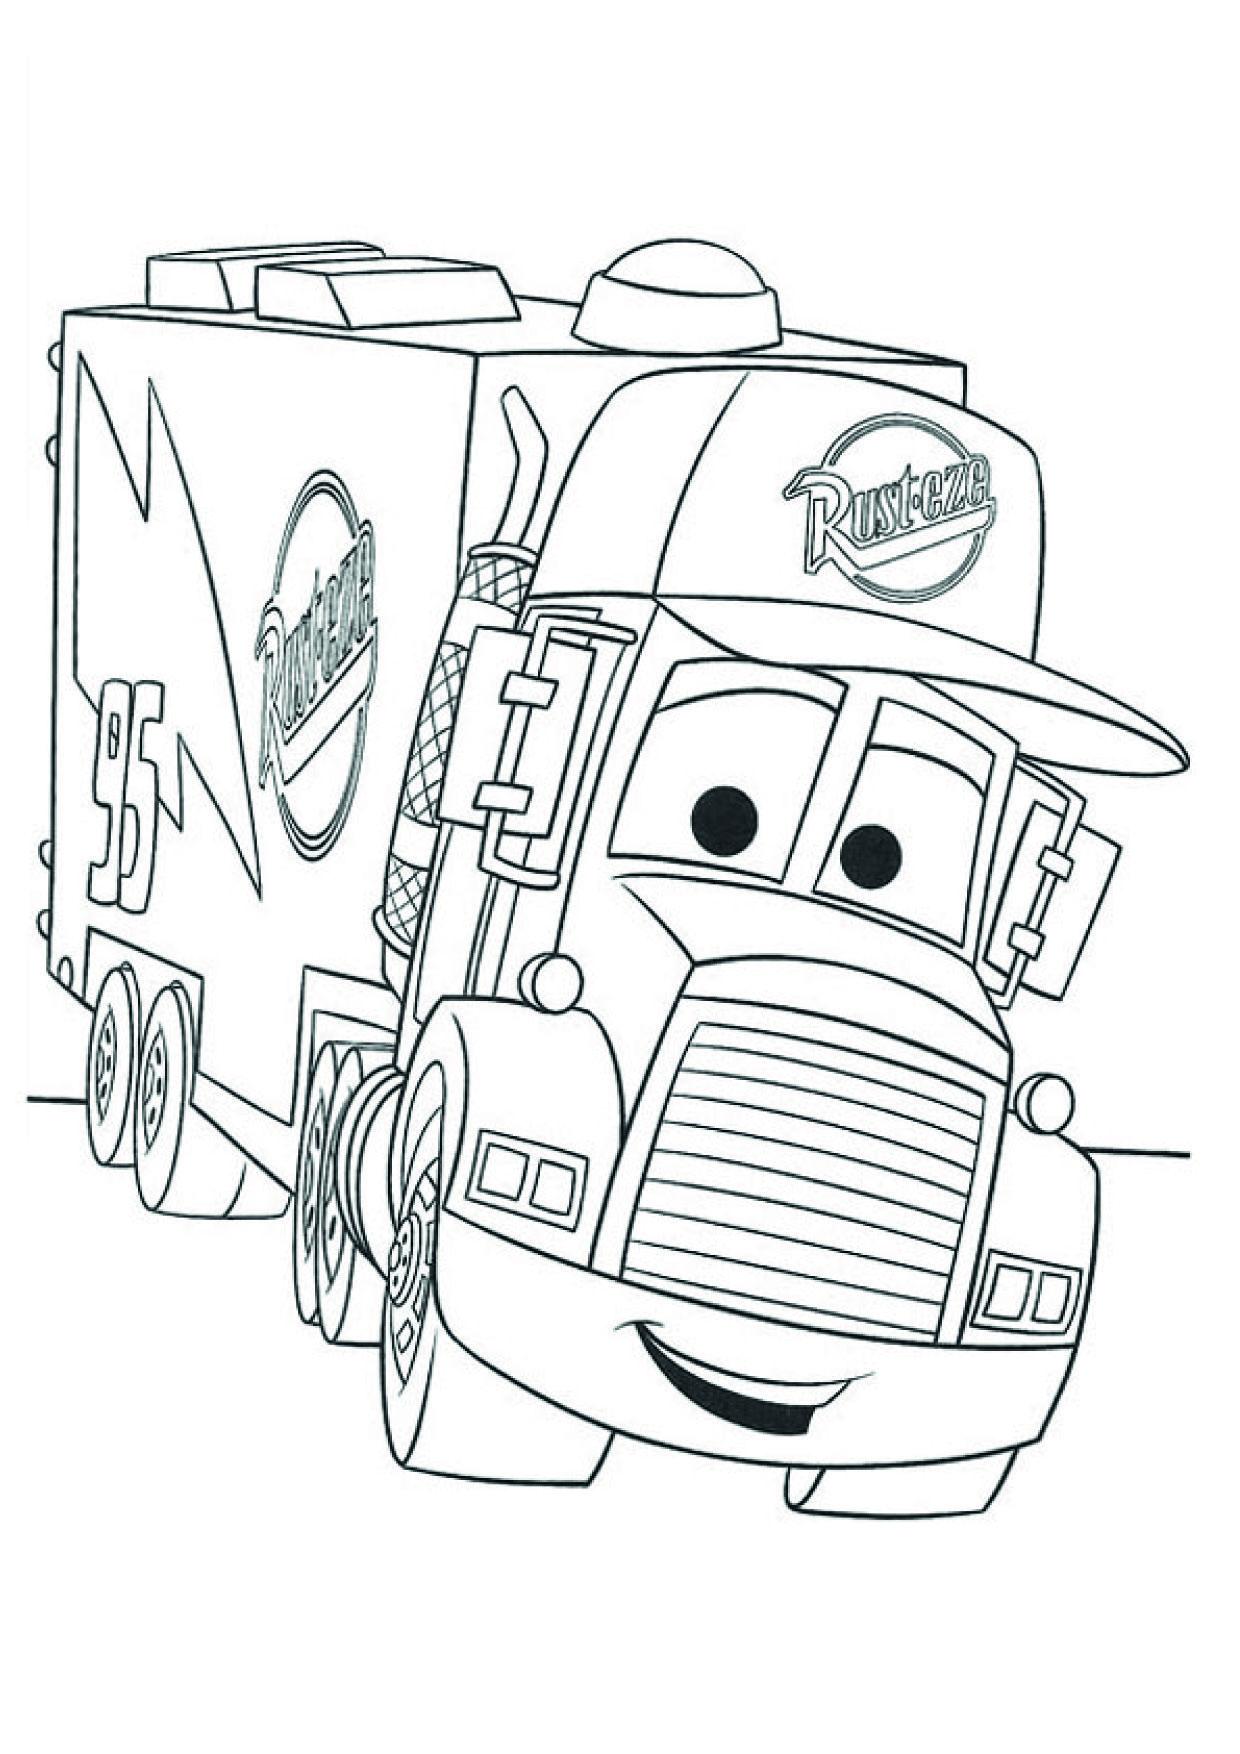 Dibujos De Cars Para Imprimir Gratis Y Colorear 04 Tarjetas Imprimibles Imprimir Dibujos Para Colorear Colorear Disney Dibujos Faciles Para Dibujar